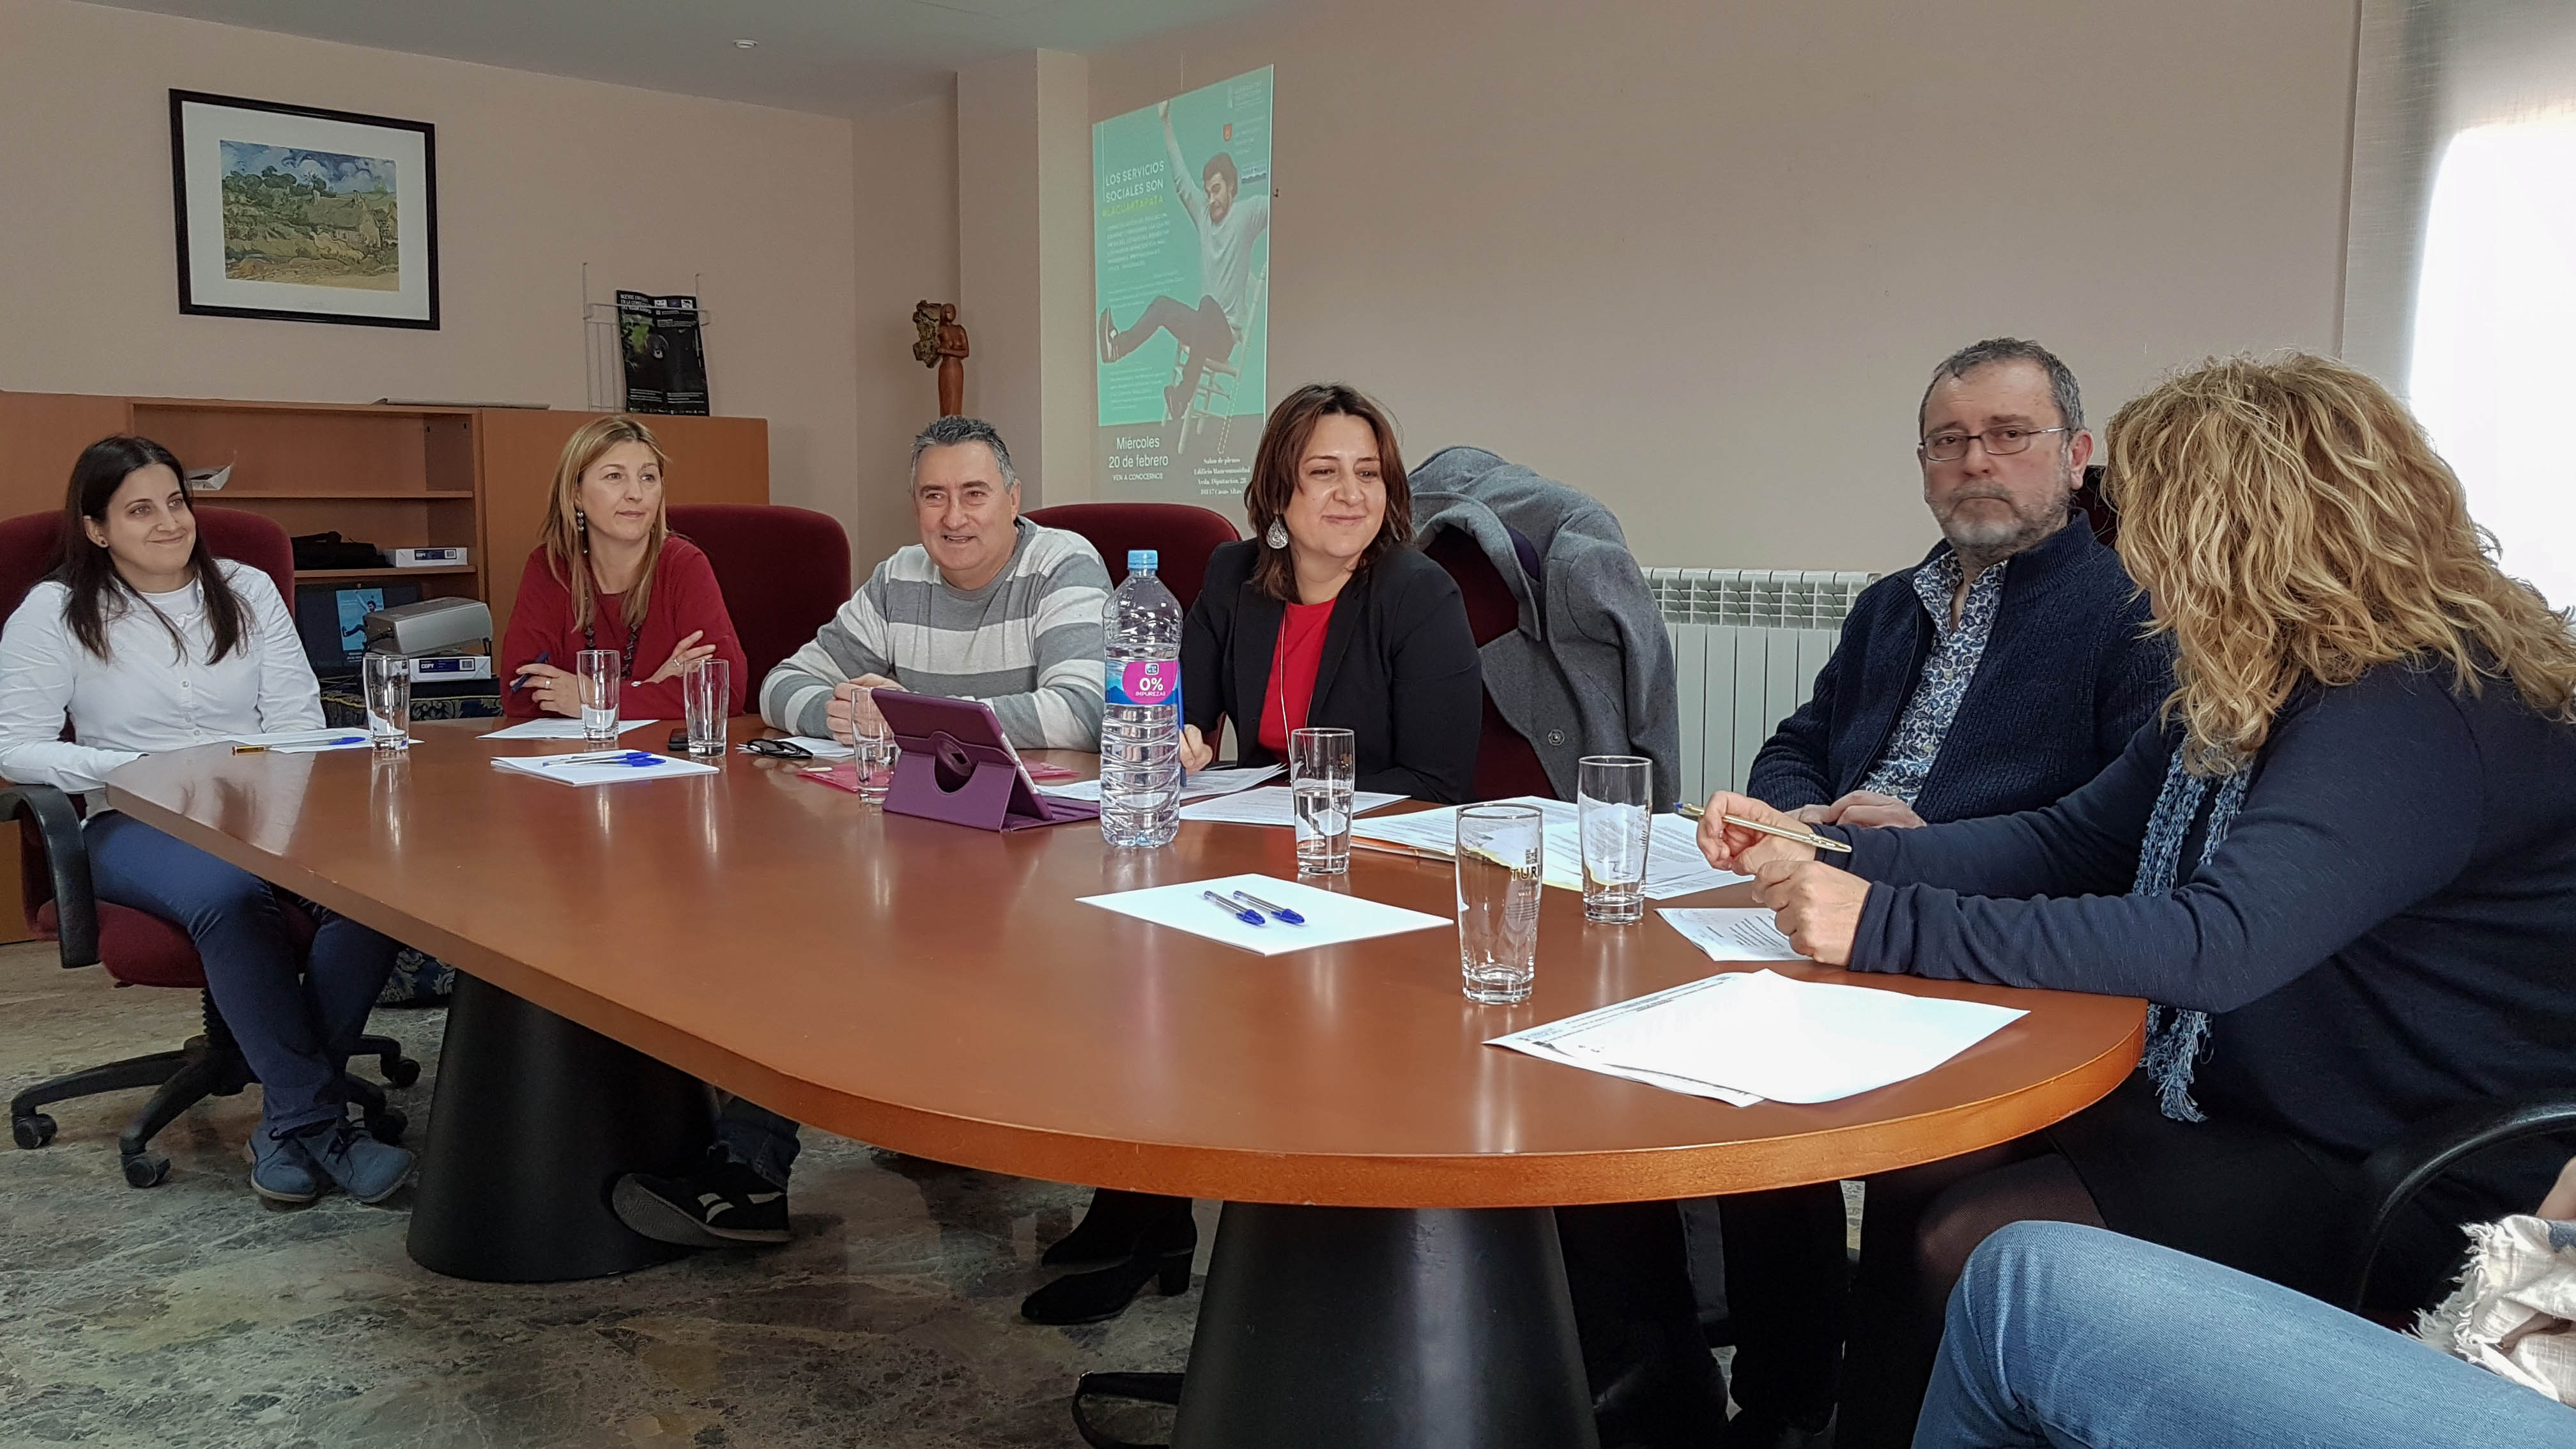 La mancomunidad de esta comarca y el área de Inclusión Social de la Diputació han organizado unas jornadas en Casas Altas para dar visibilidad a los servicios públicos como un derecho humano esencial.